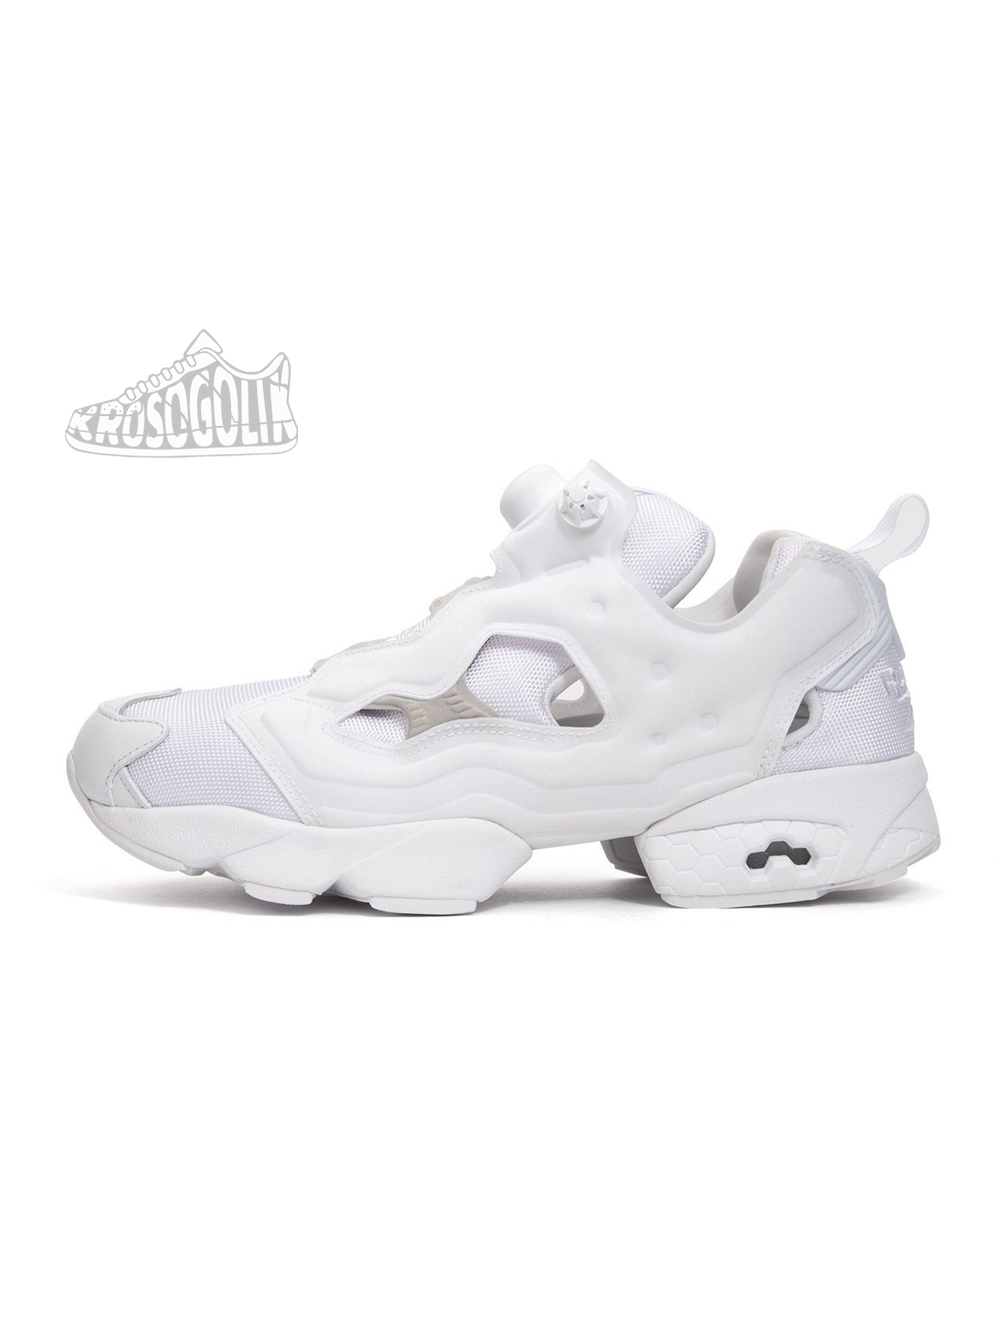 Купить женские кроссовки Reebok Insta Pump Fury OG White Steel на ... b41cf5bbf6088